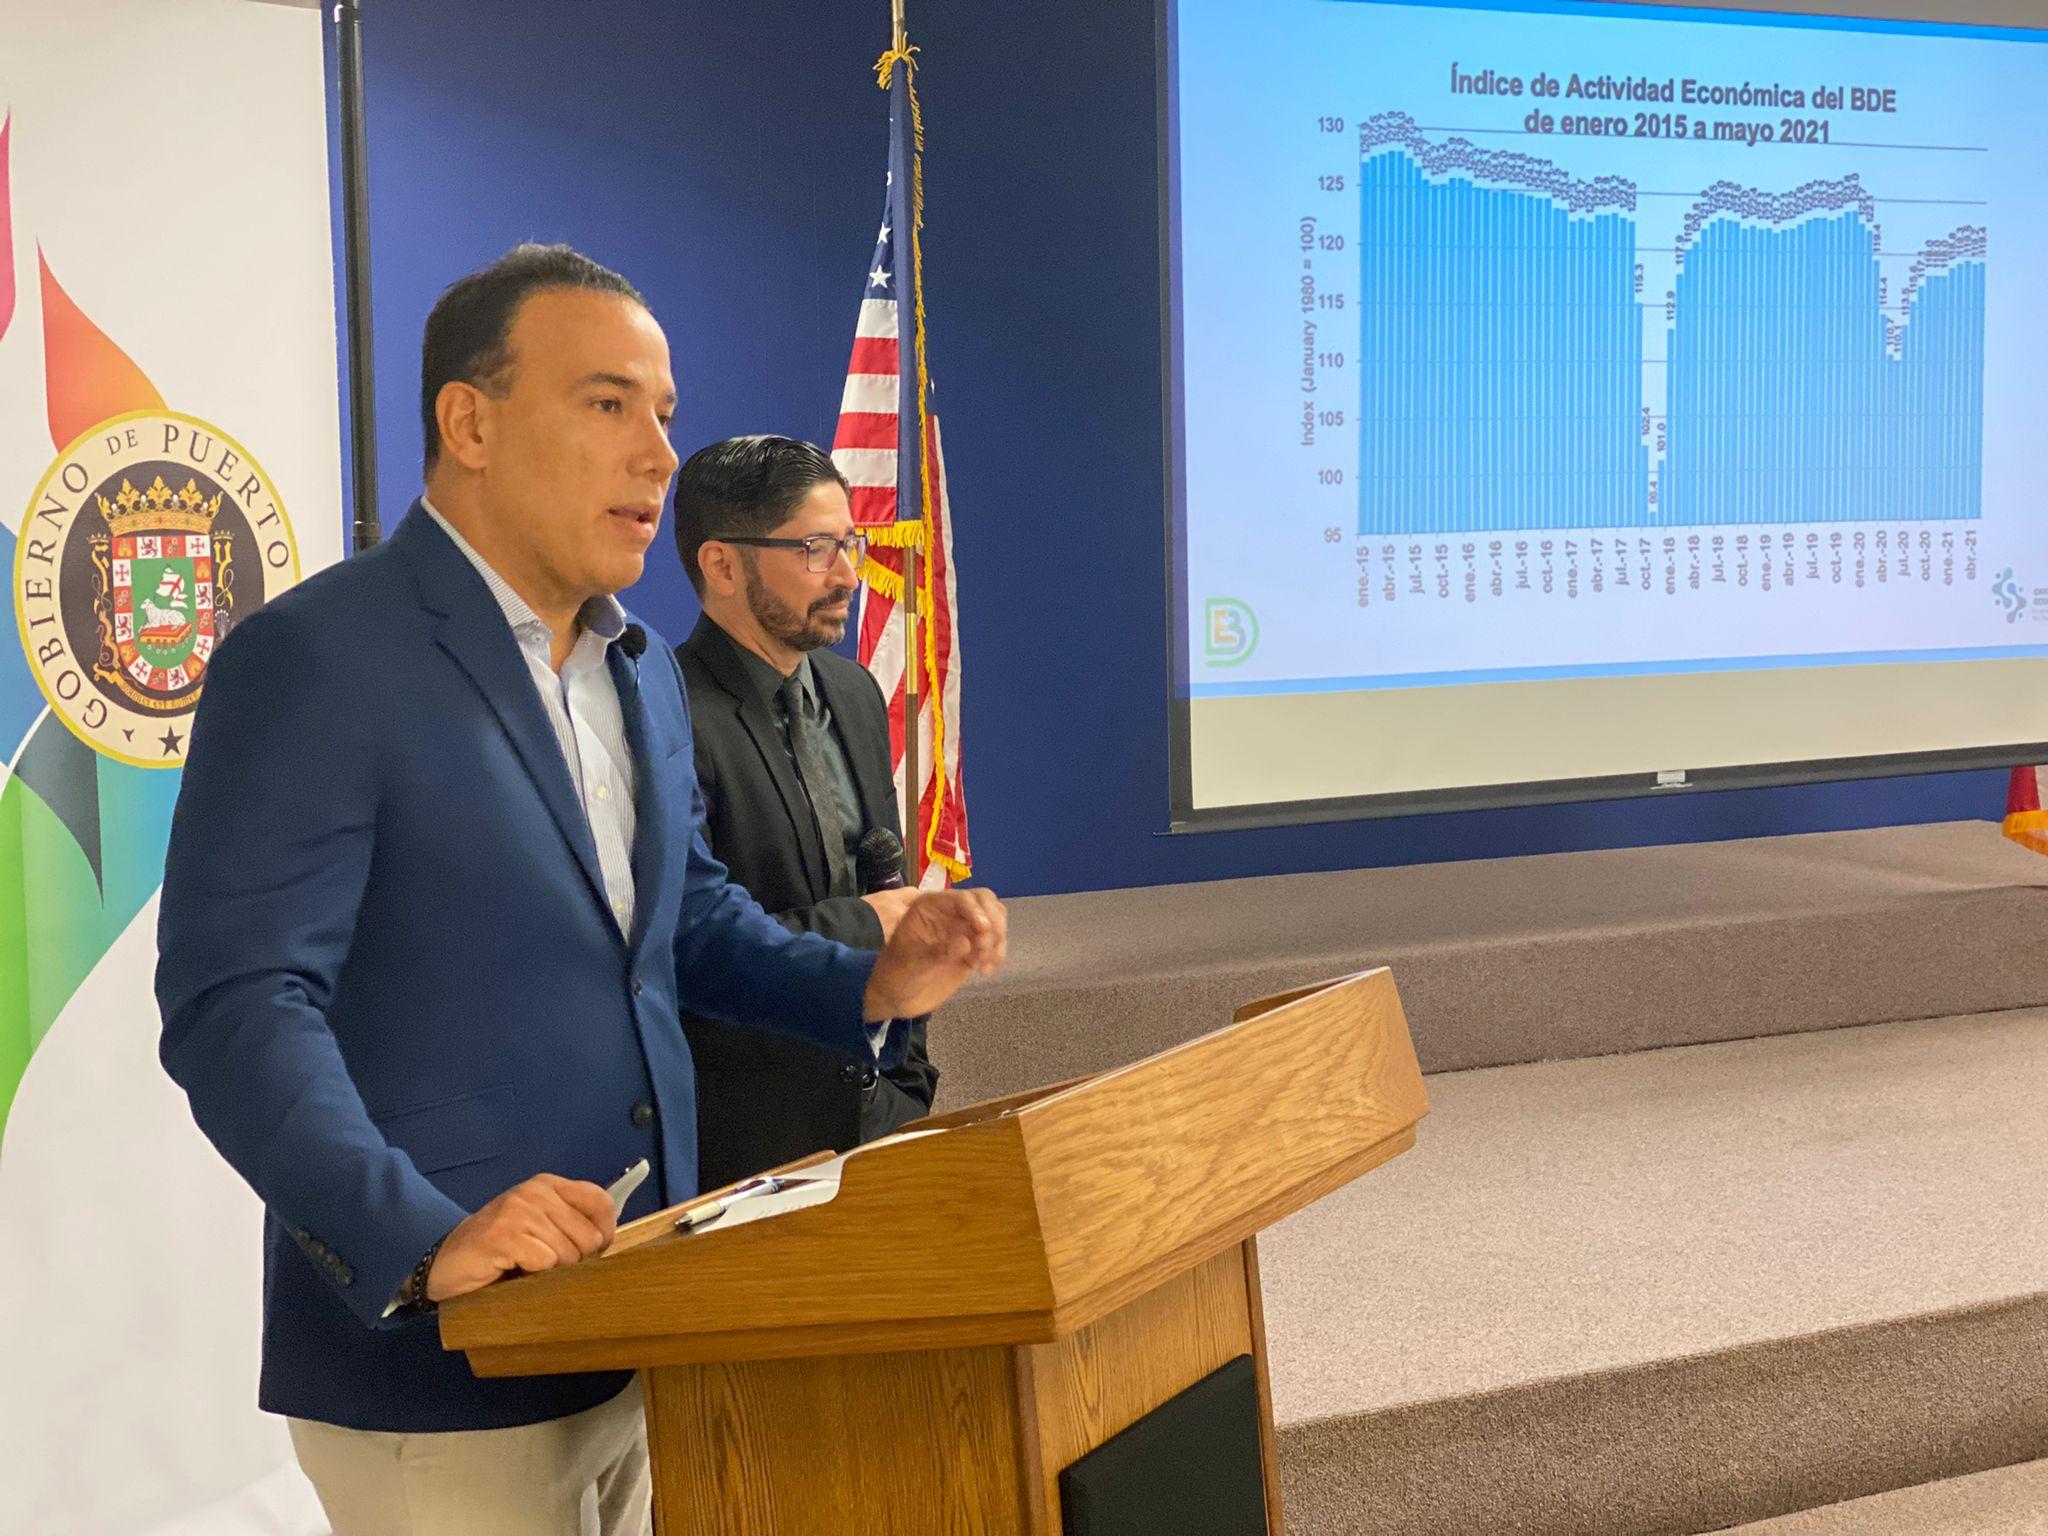 BDE anuncia recuperación de más de 80,000 empleos a un año de la pandemia del Coronavirus